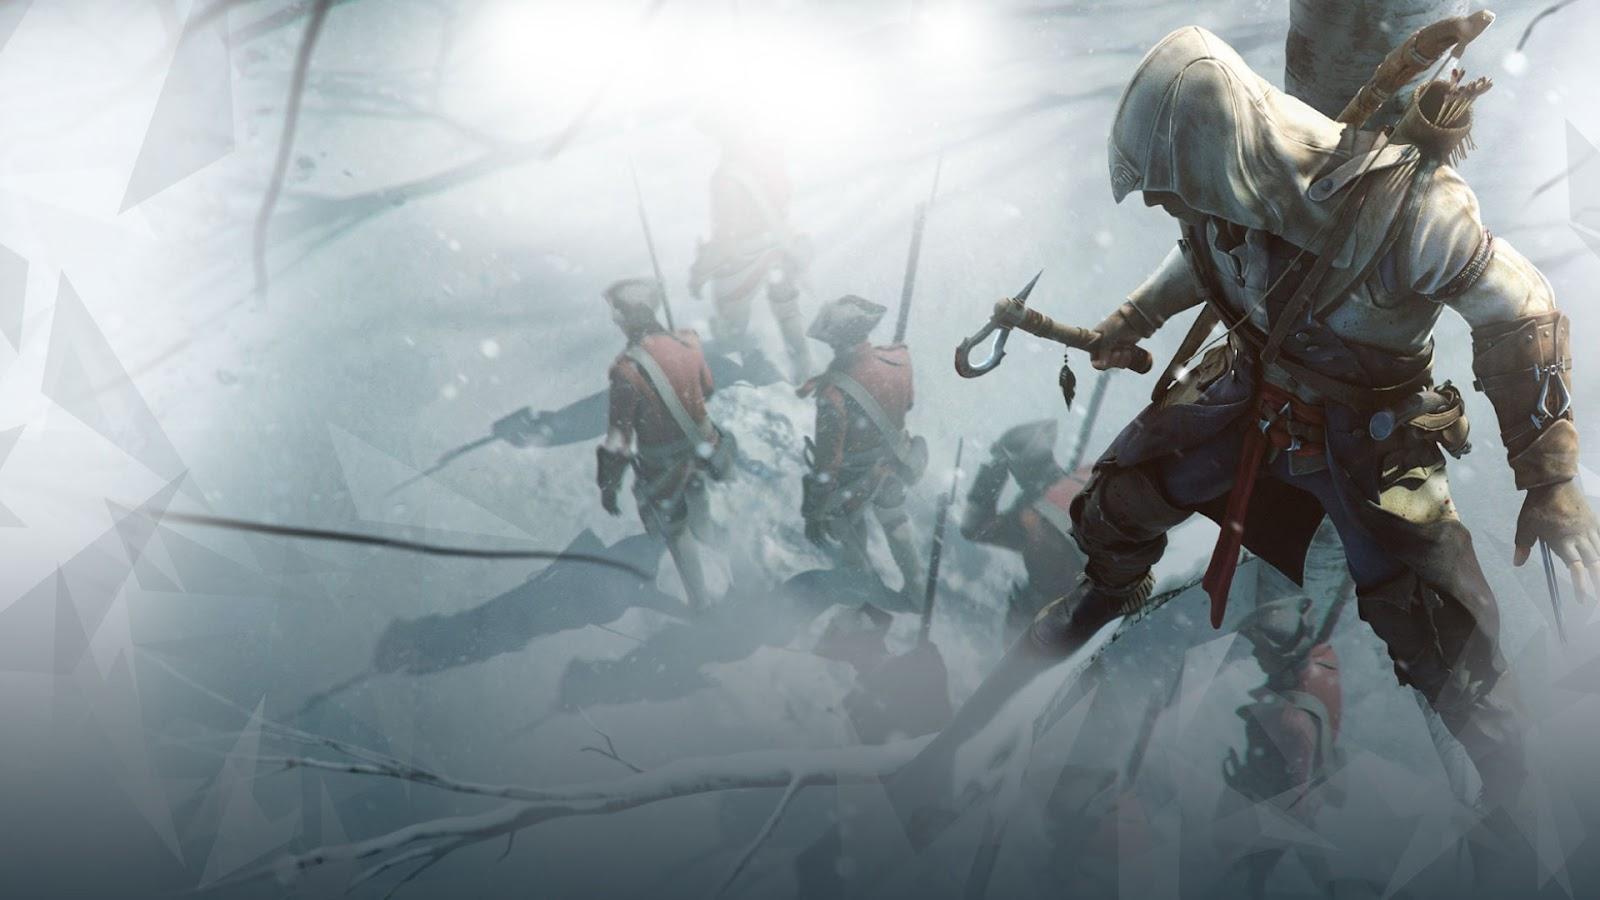 http://2.bp.blogspot.com/-dN3_eV2RAKs/UBCjiSCzhAI/AAAAAAAABvk/mmy1d5QAhhE/s1600/Assassins-Creed-3-Wallpapers-4.jpg